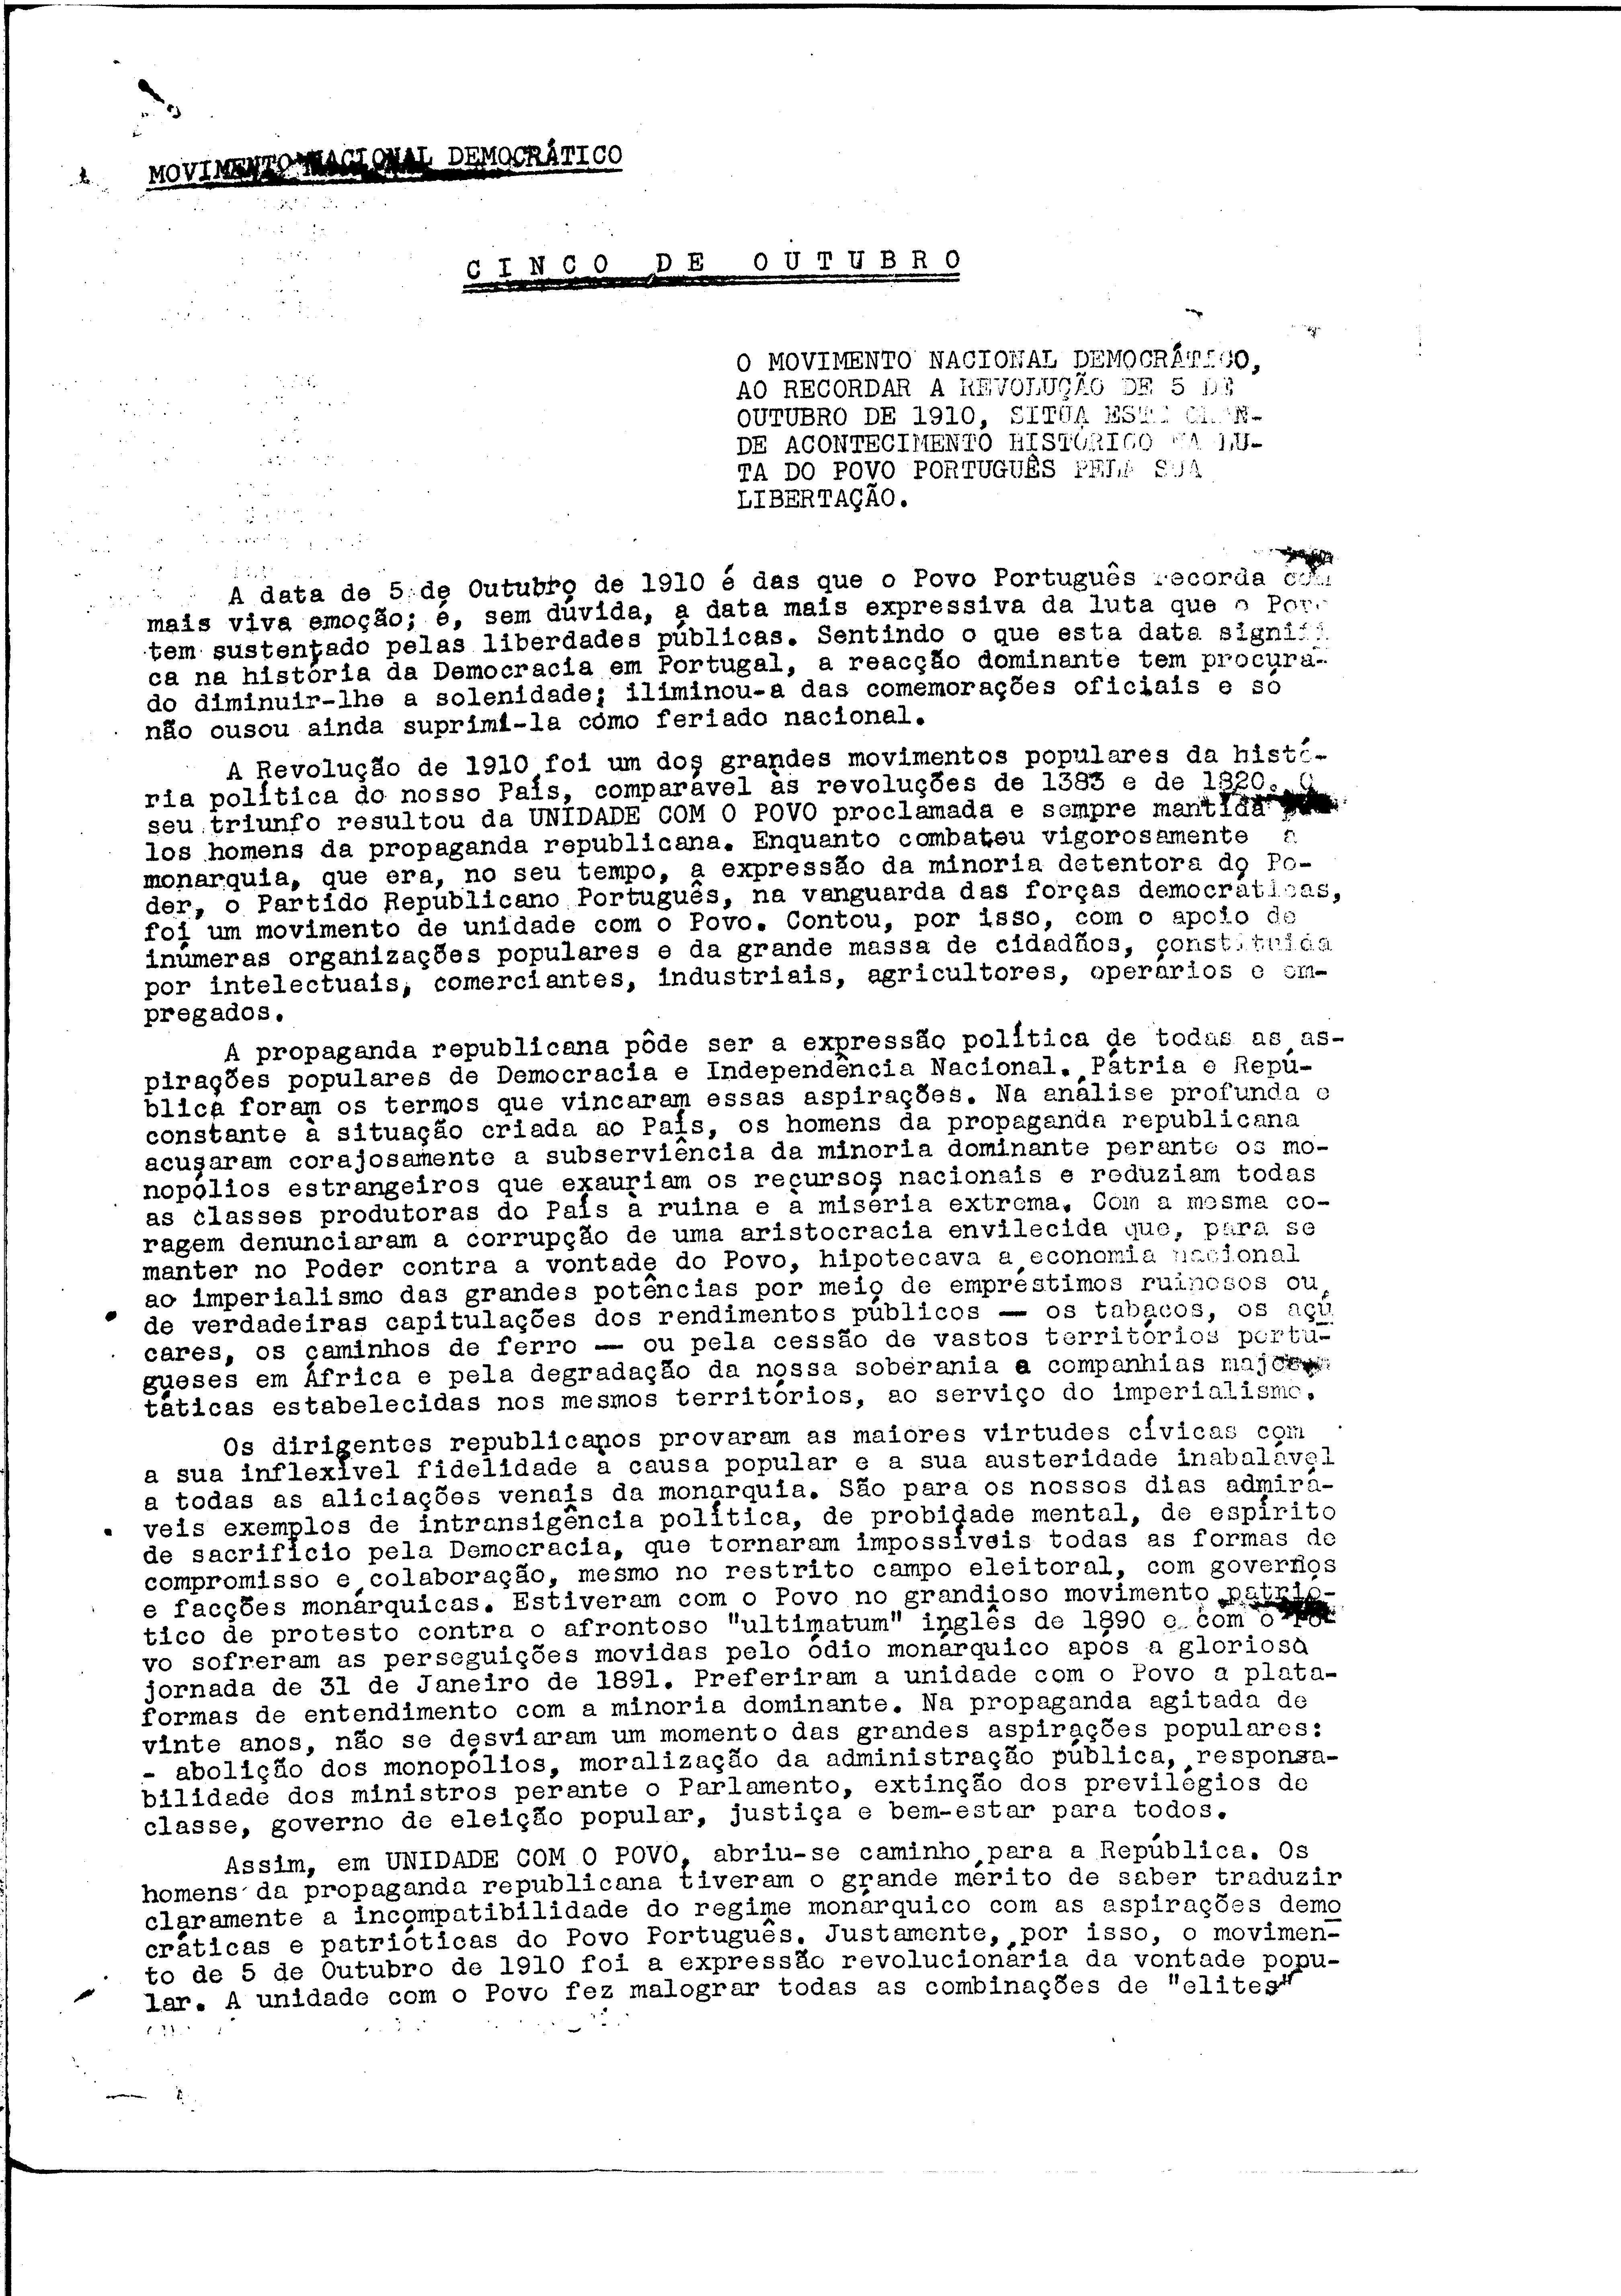 02592.009- pag.1